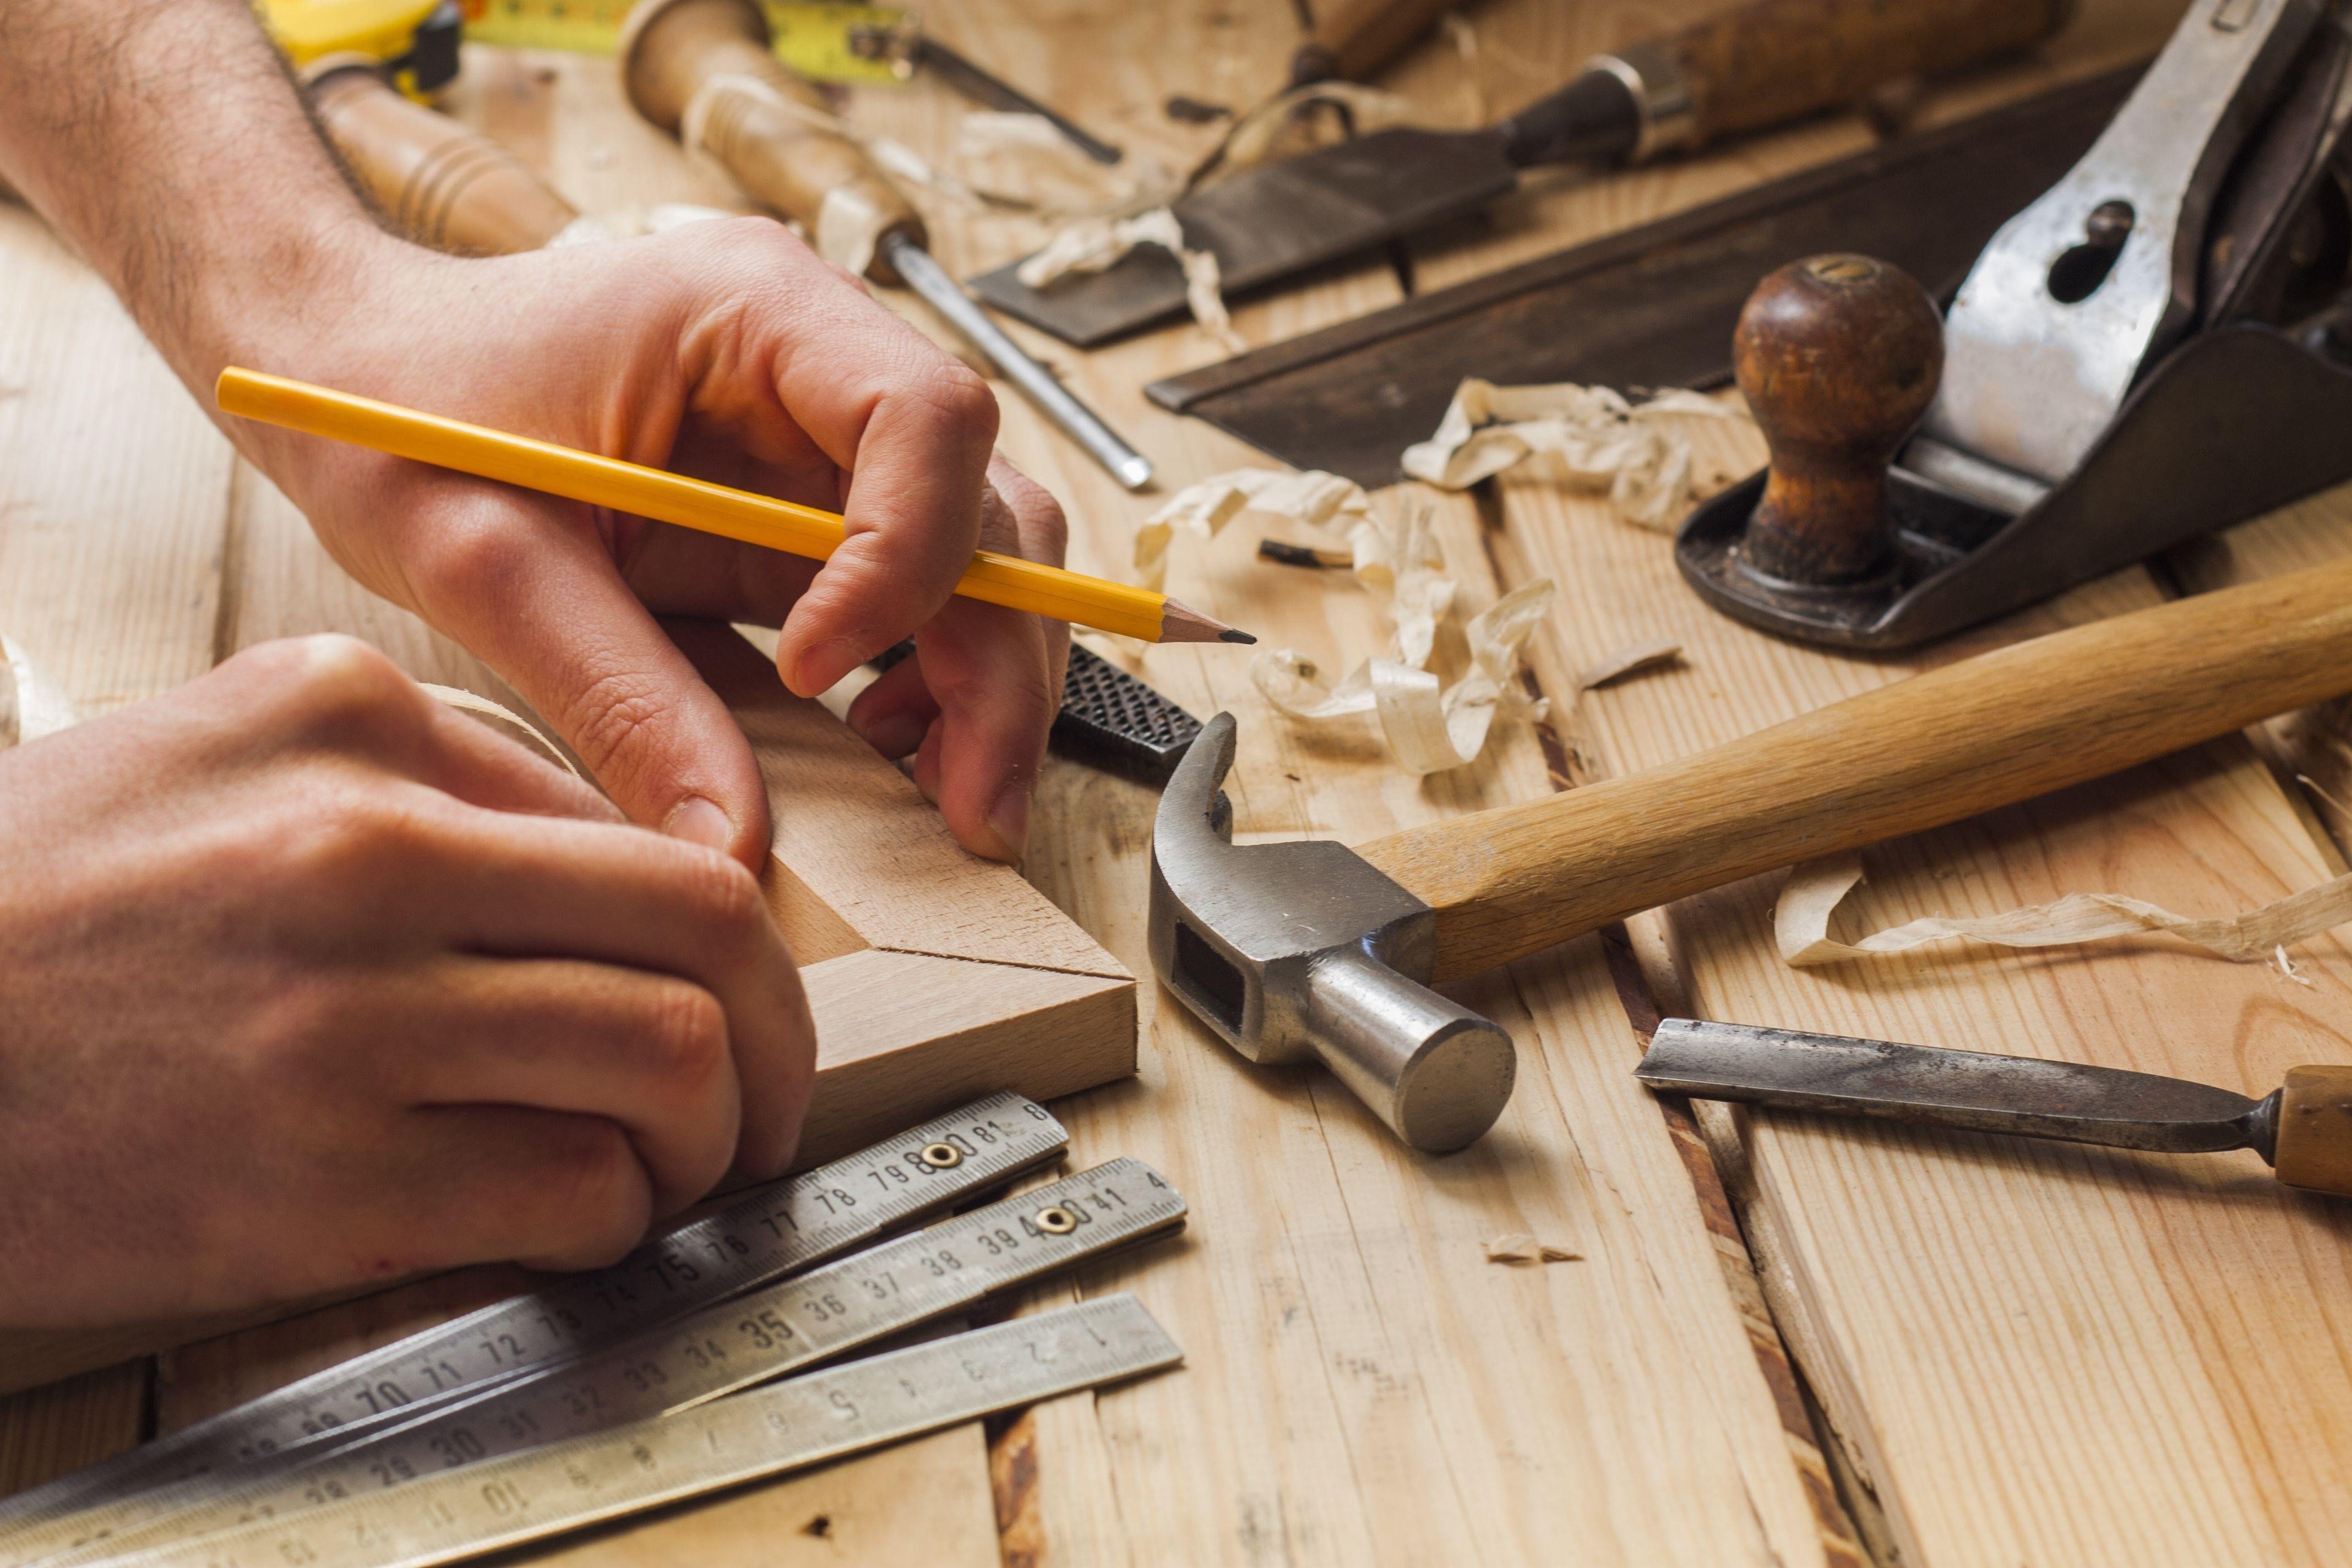 Come scegliere gli strumenti da falegname ebanista ?